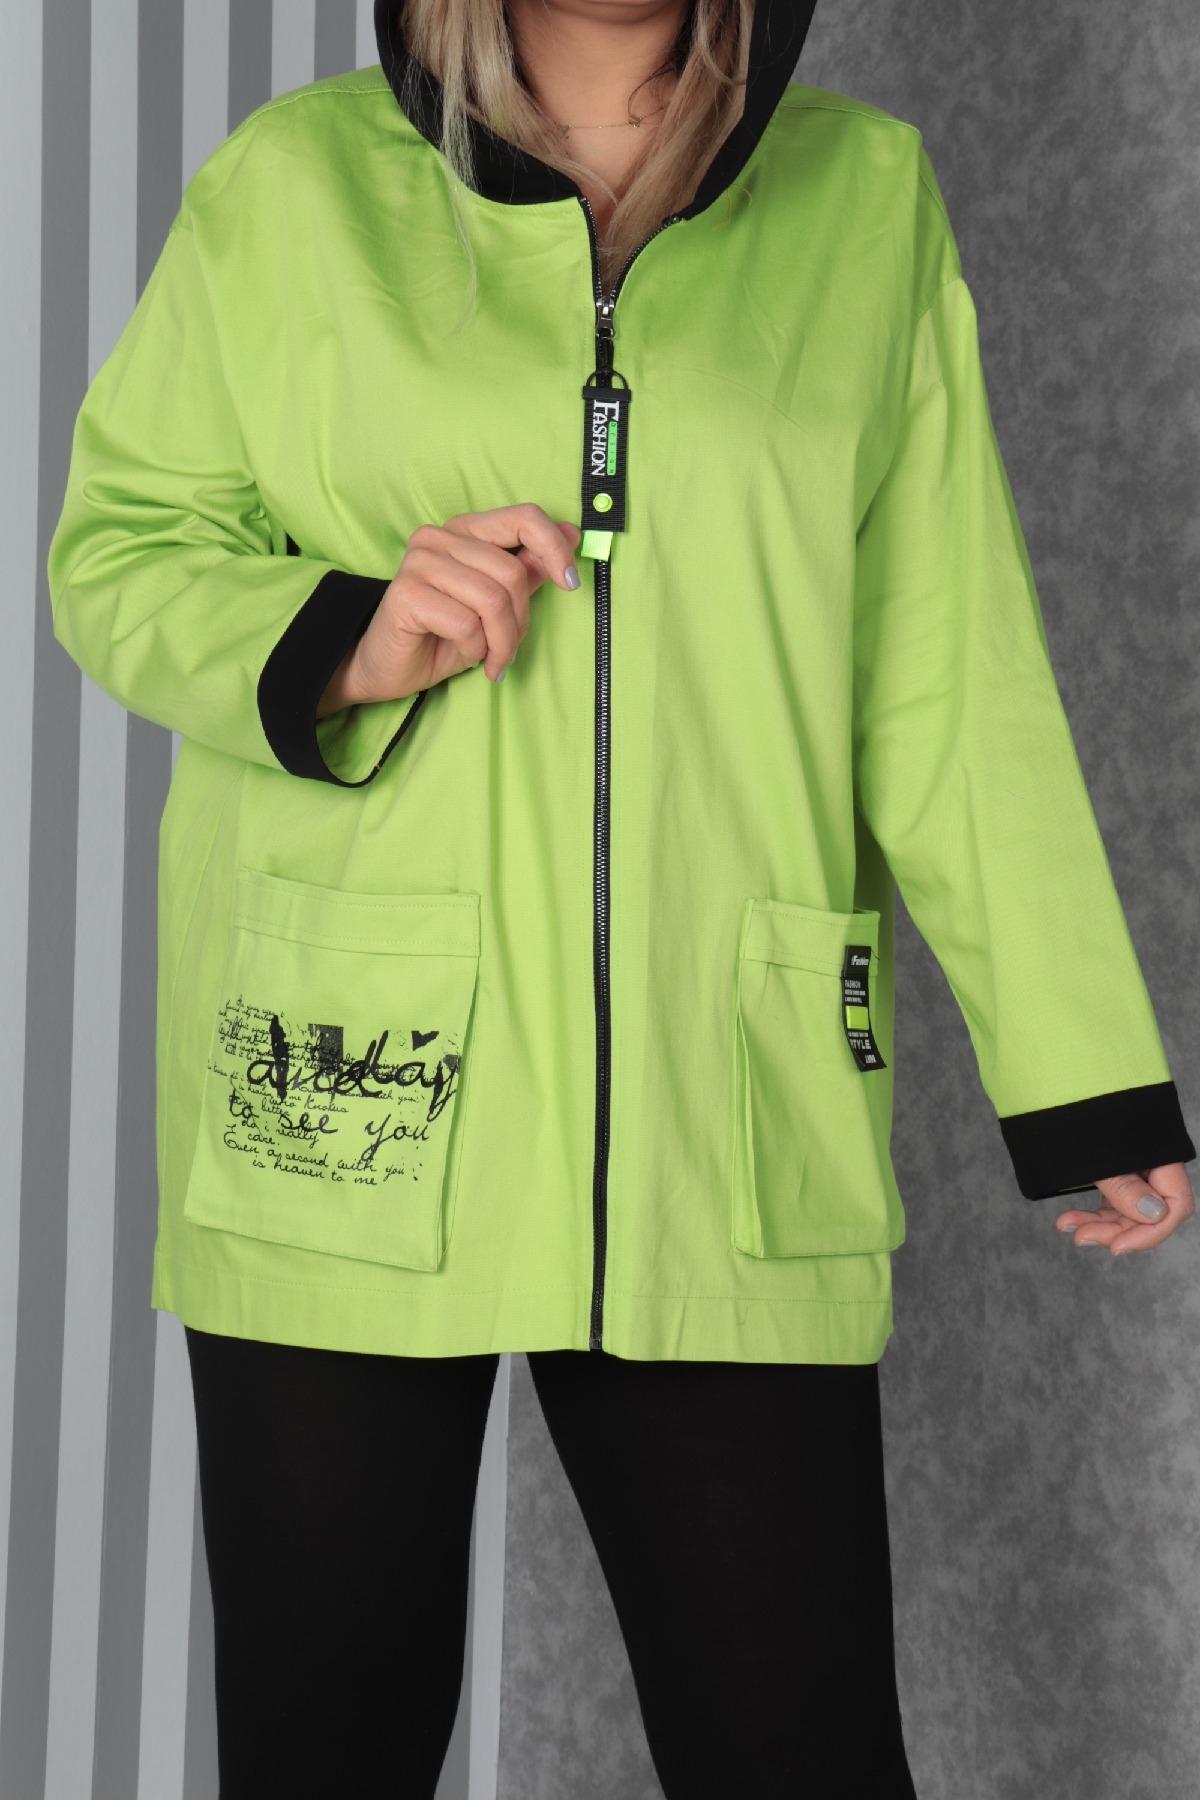 Coats-Neon Green